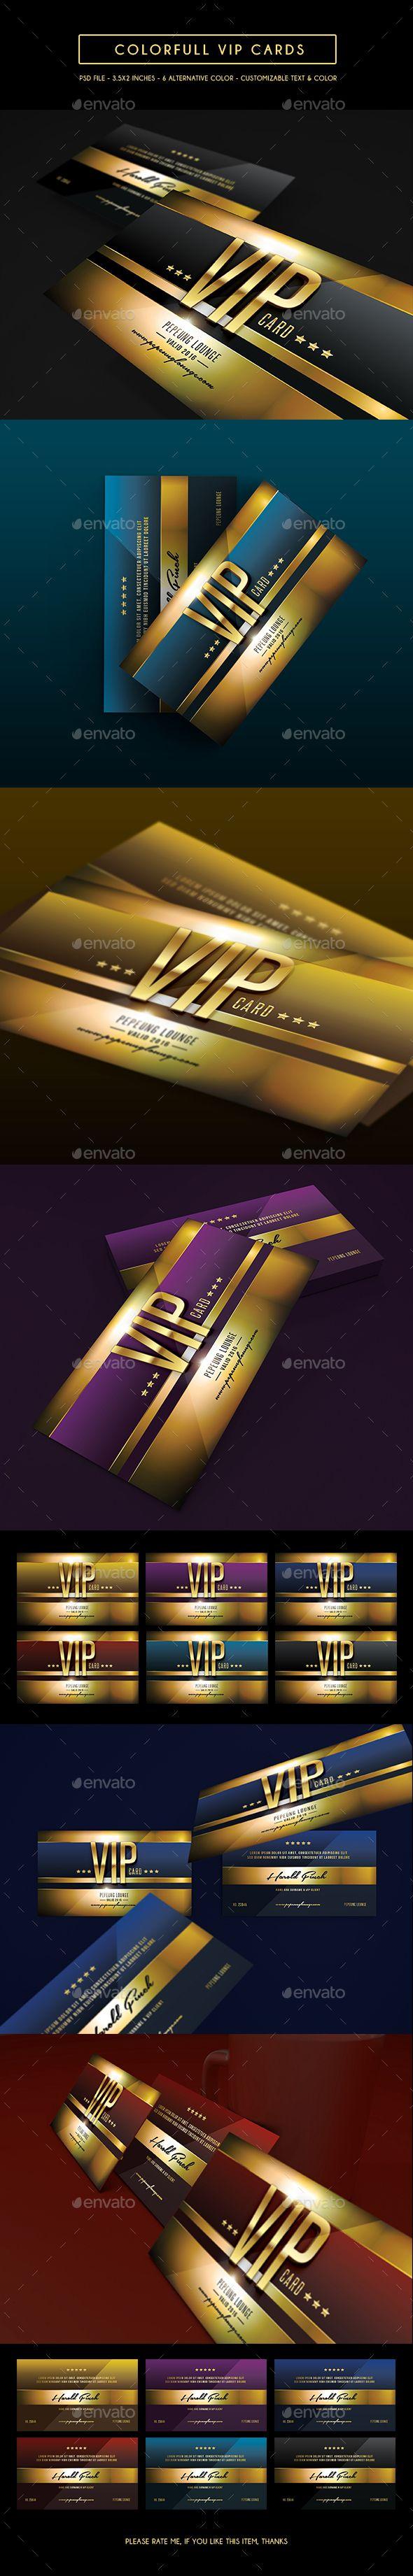 Multipurpose Colorfull Vip Card | Modelos de tarjetas, Credito y ...